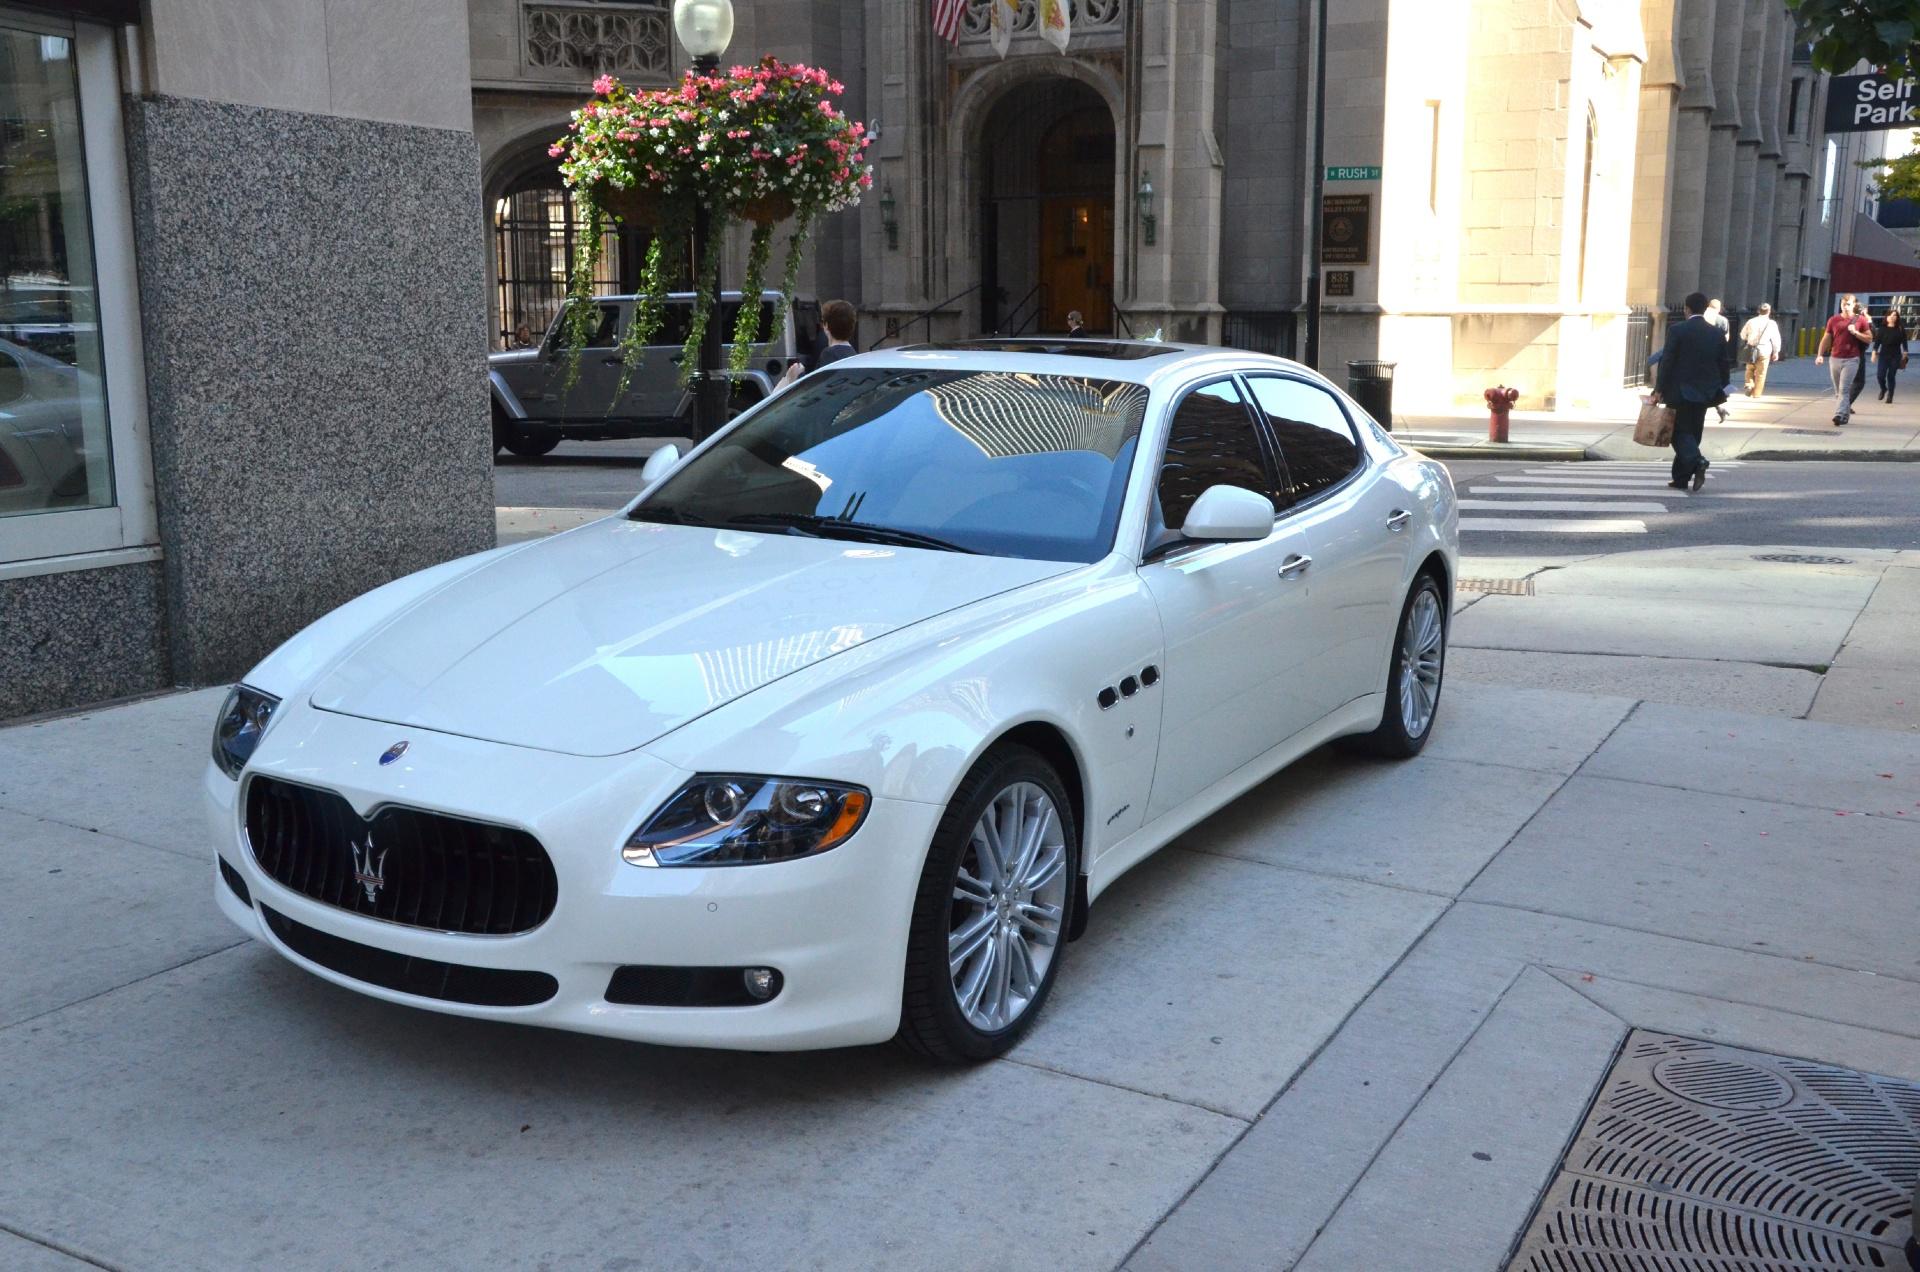 Used Maserati Quattroporte >> 2013 Maserati Quattroporte S Stock B572aa For Sale Near